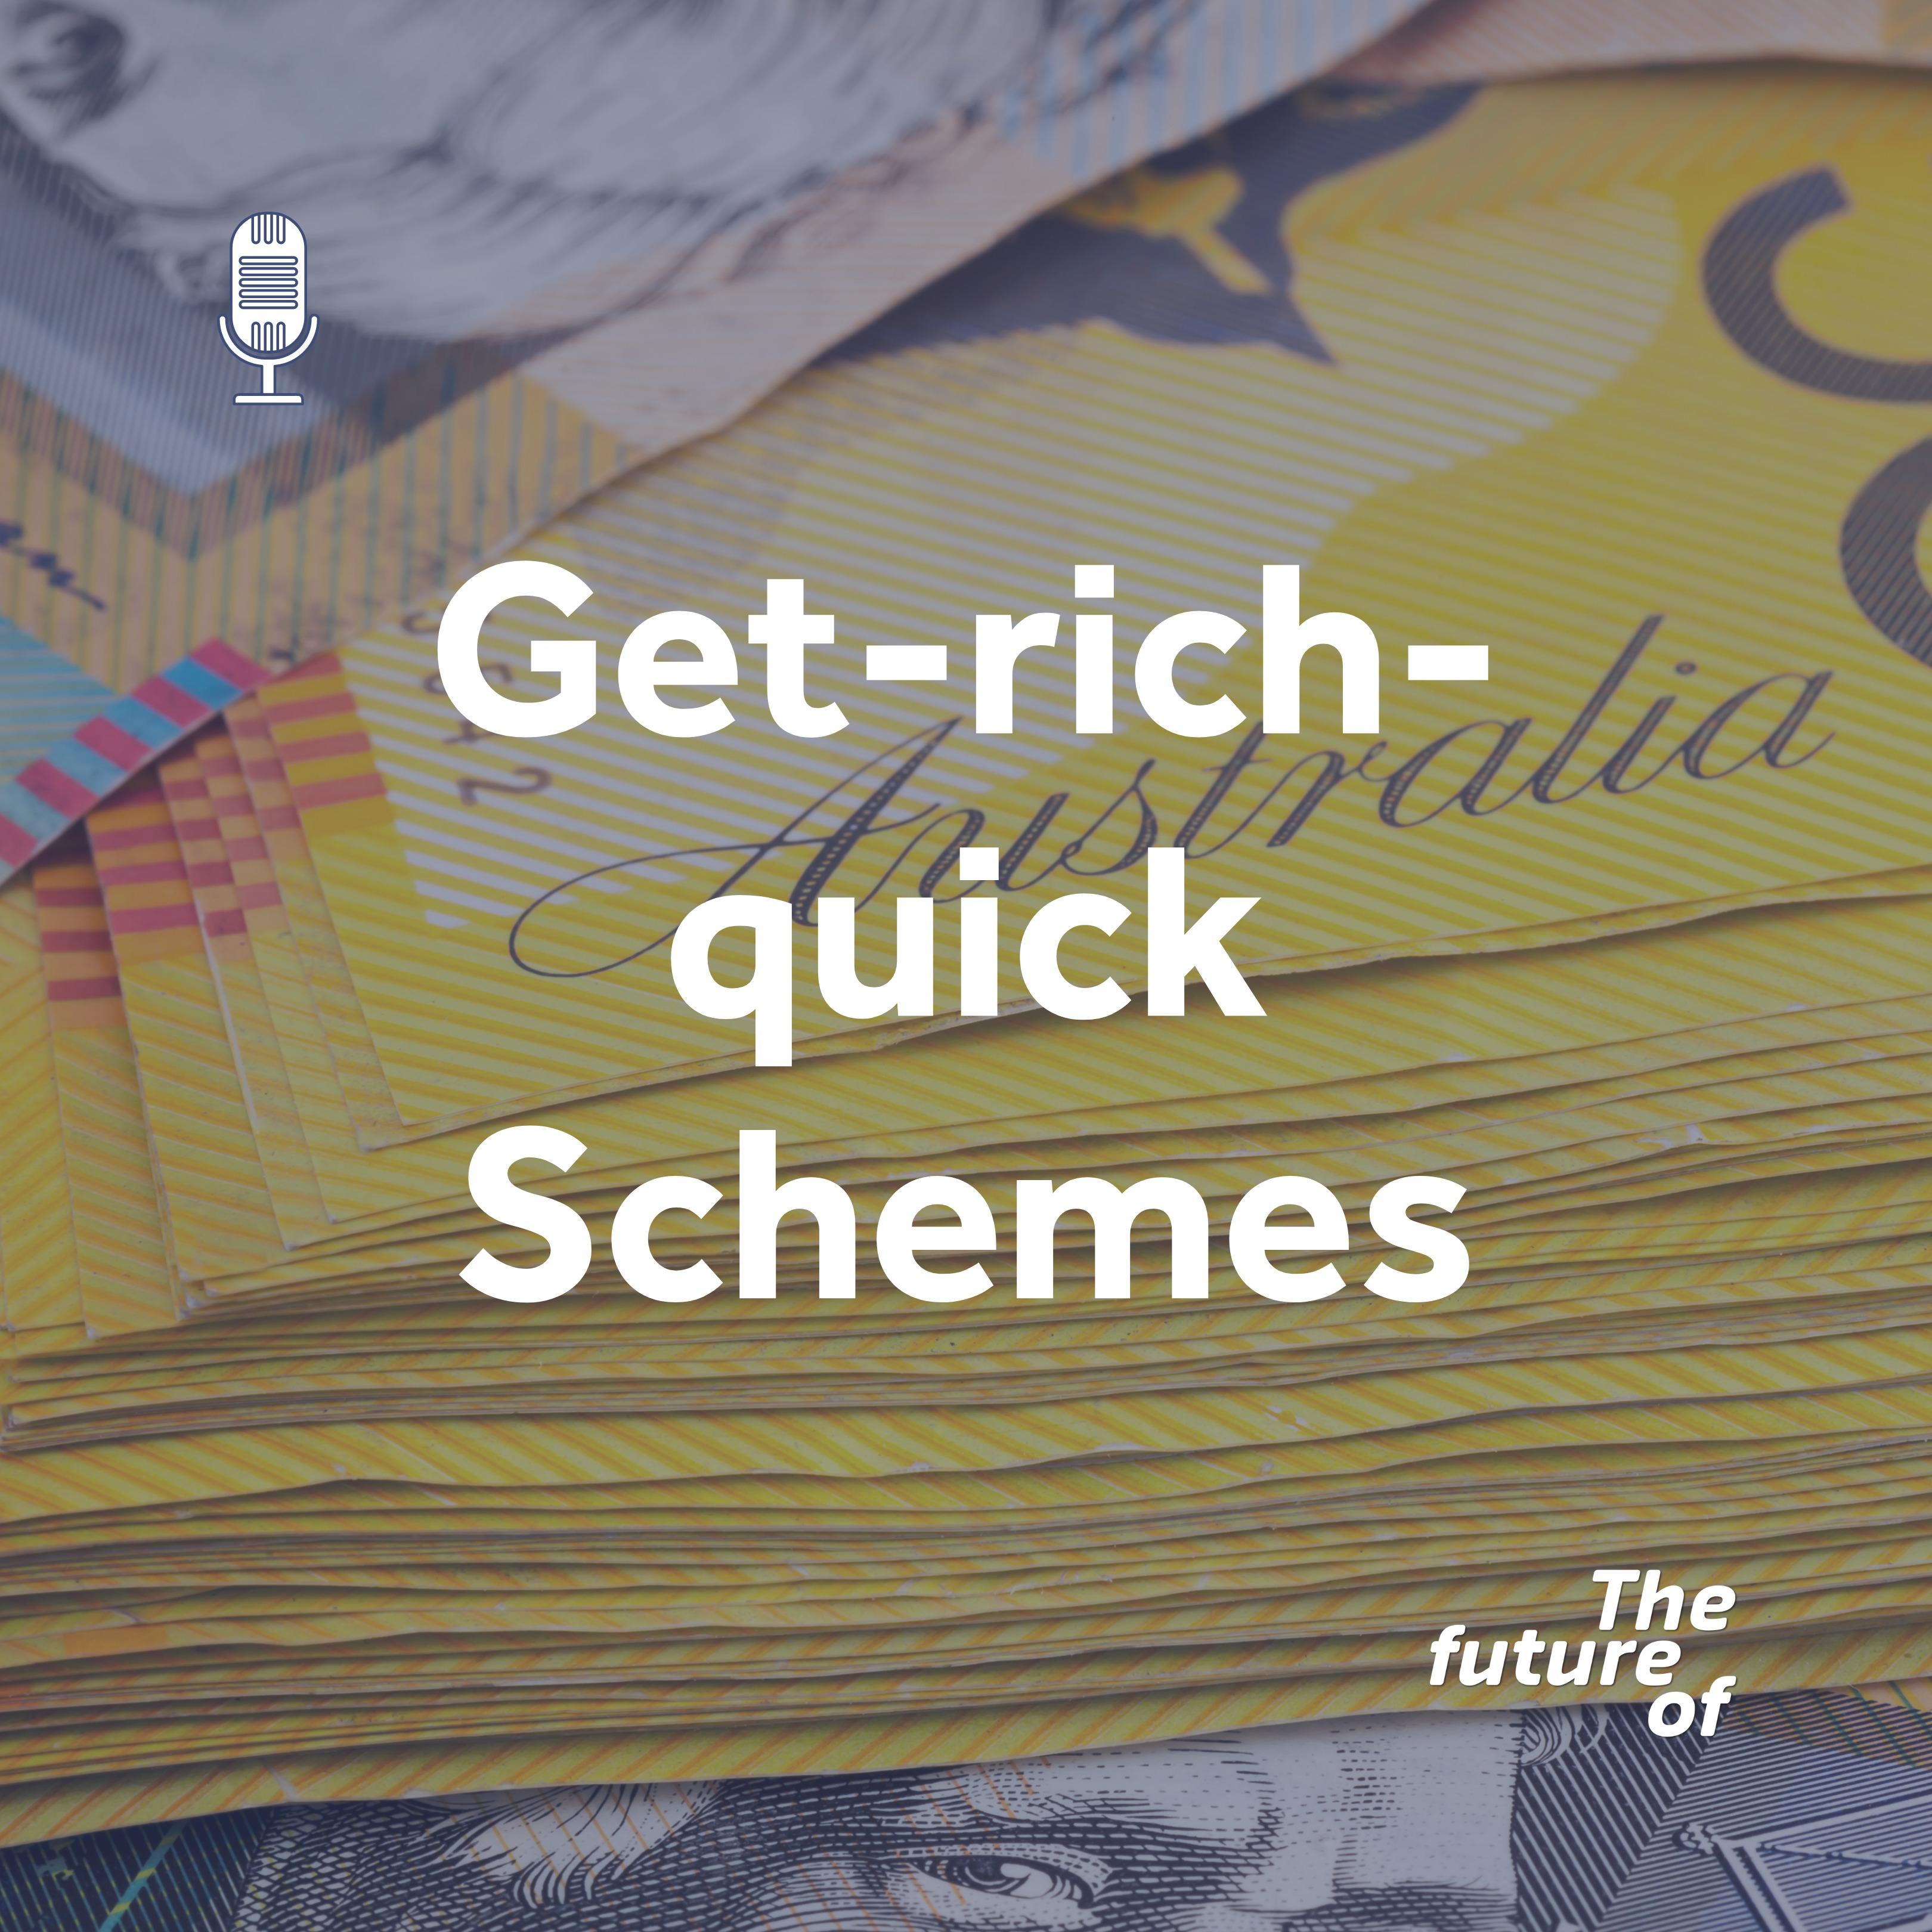 Get-rich-quick Schemes